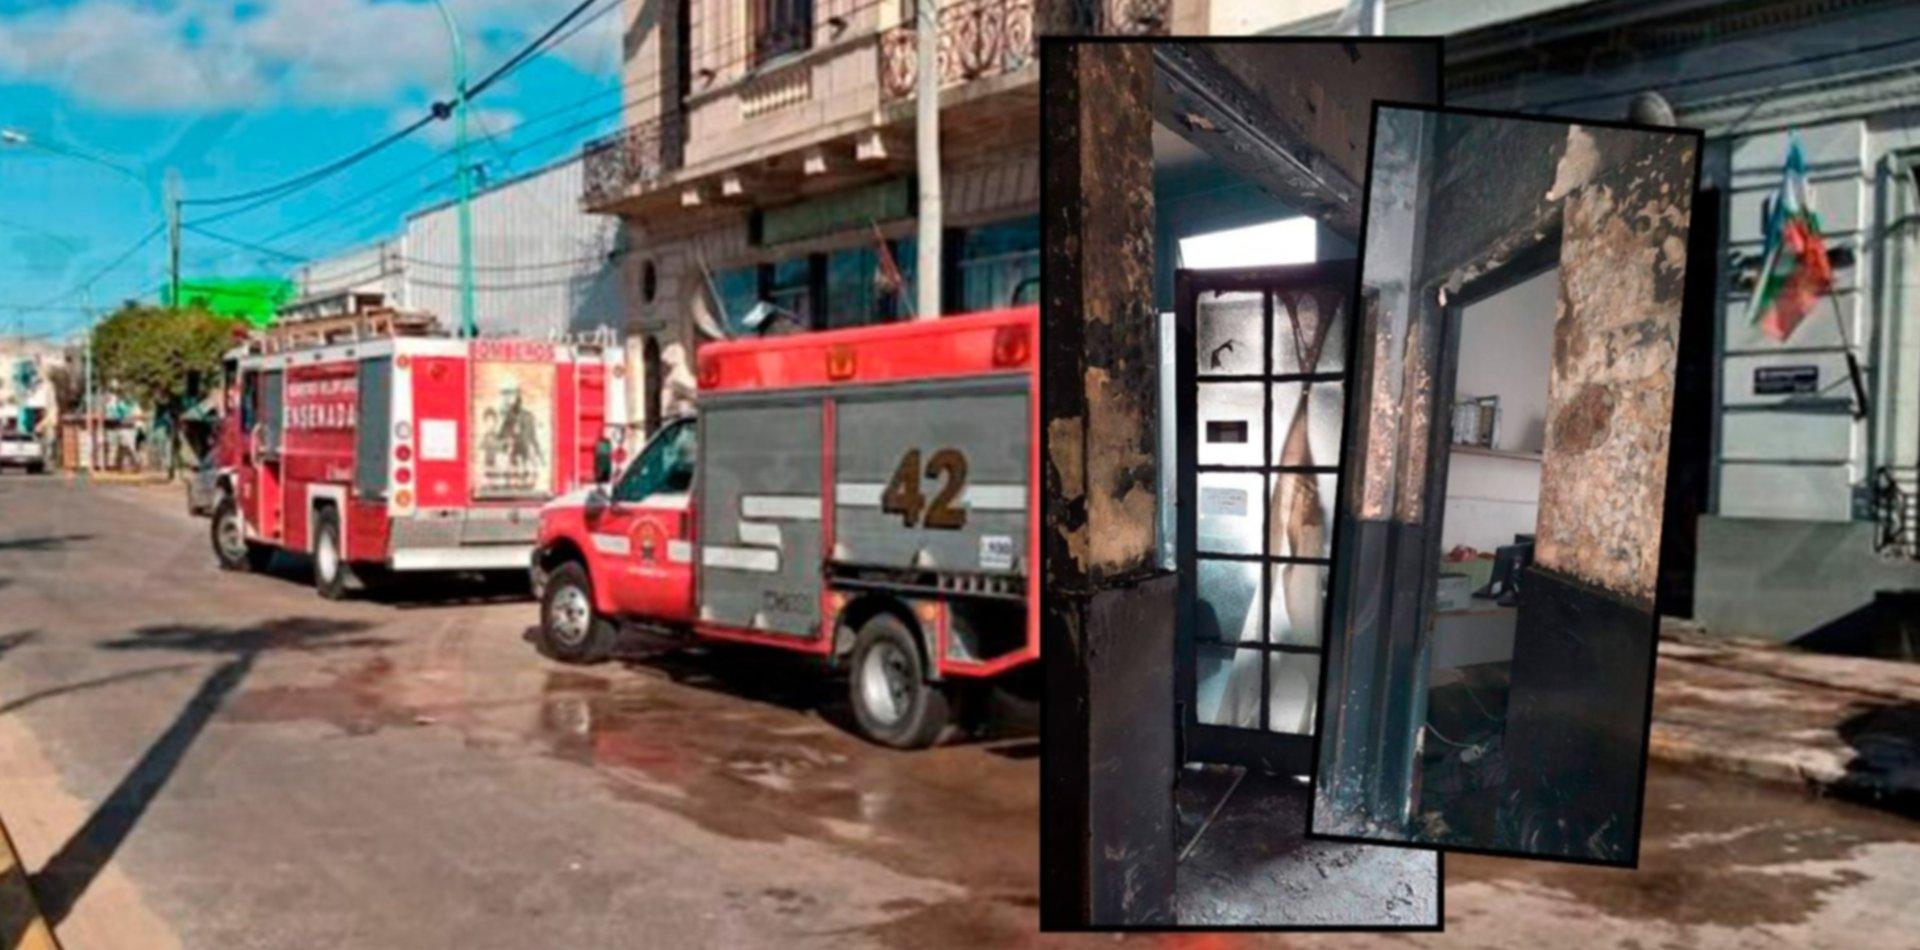 Detuvieron al joven que incendió una comisaría de Ensenada